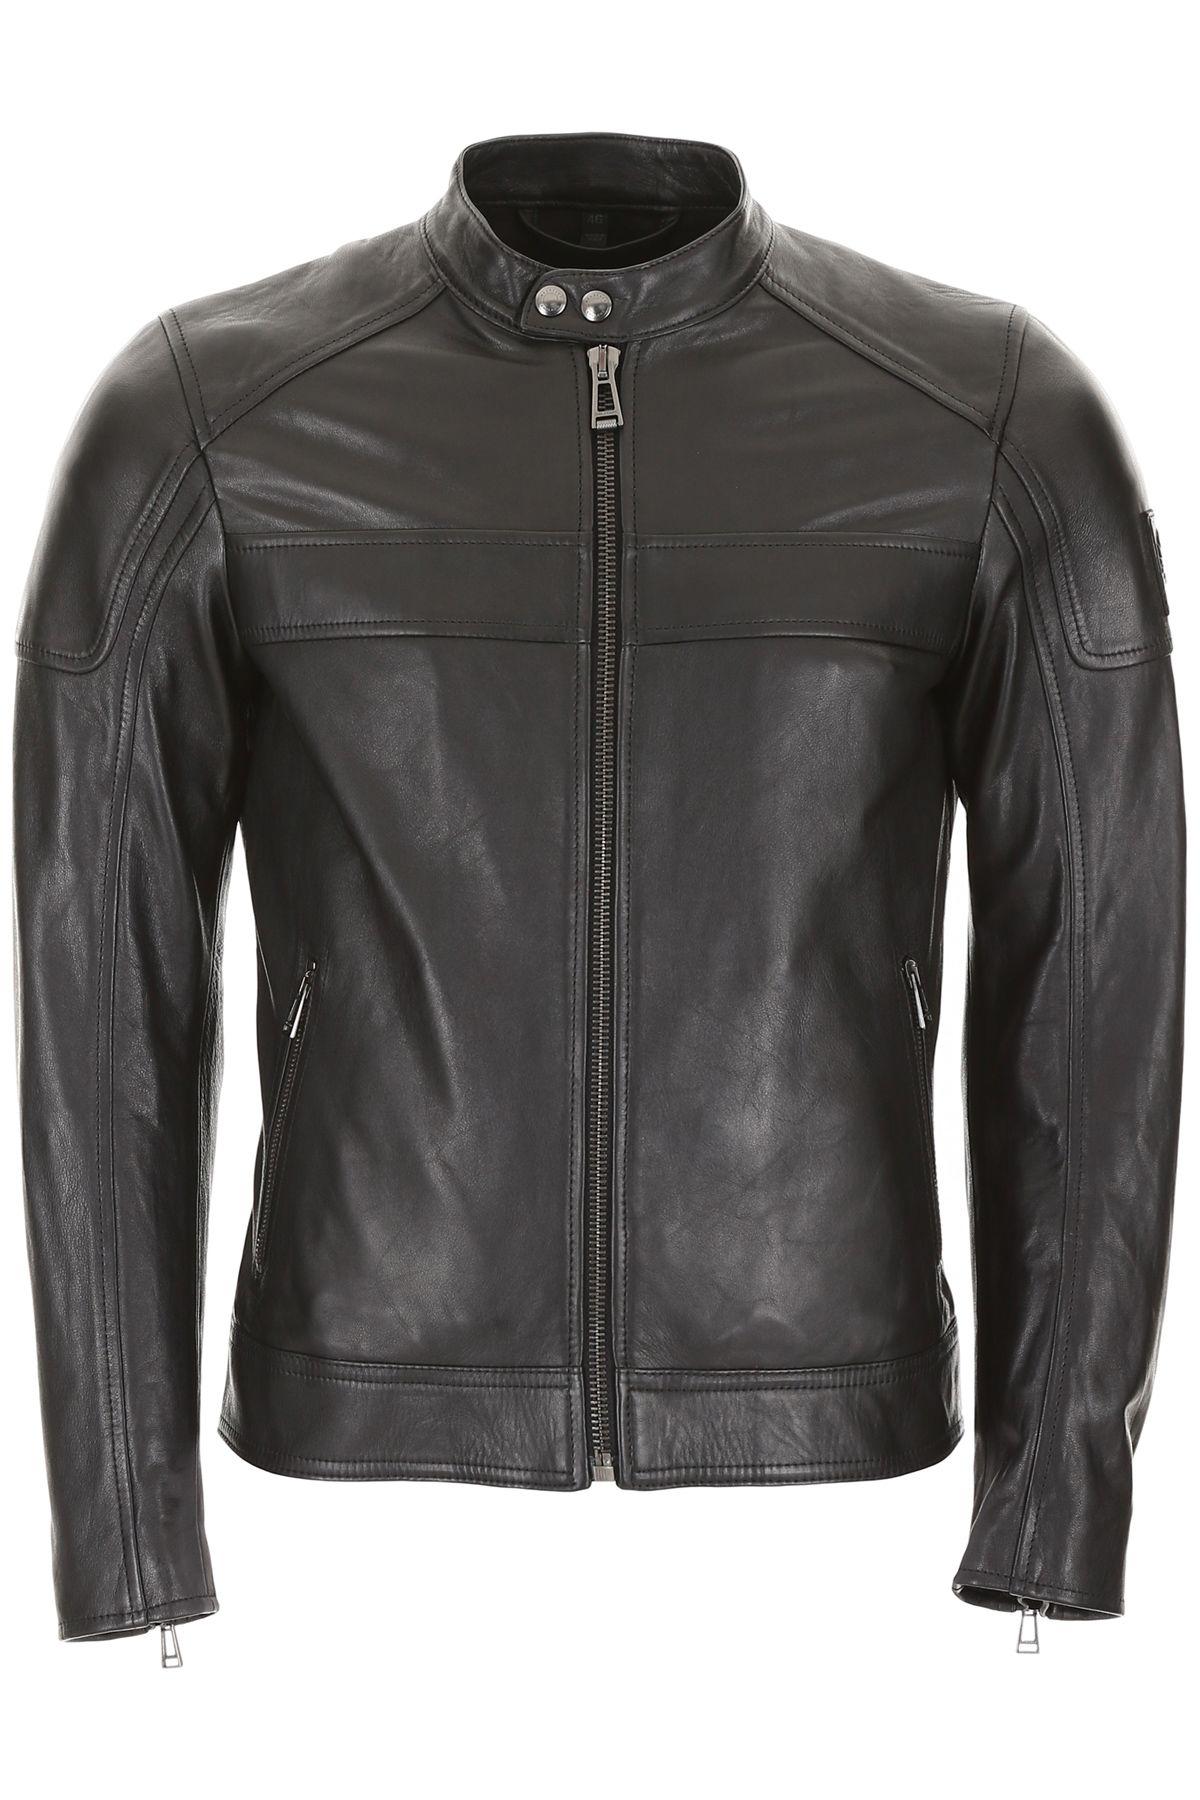 Belstaff A-racer Jacket